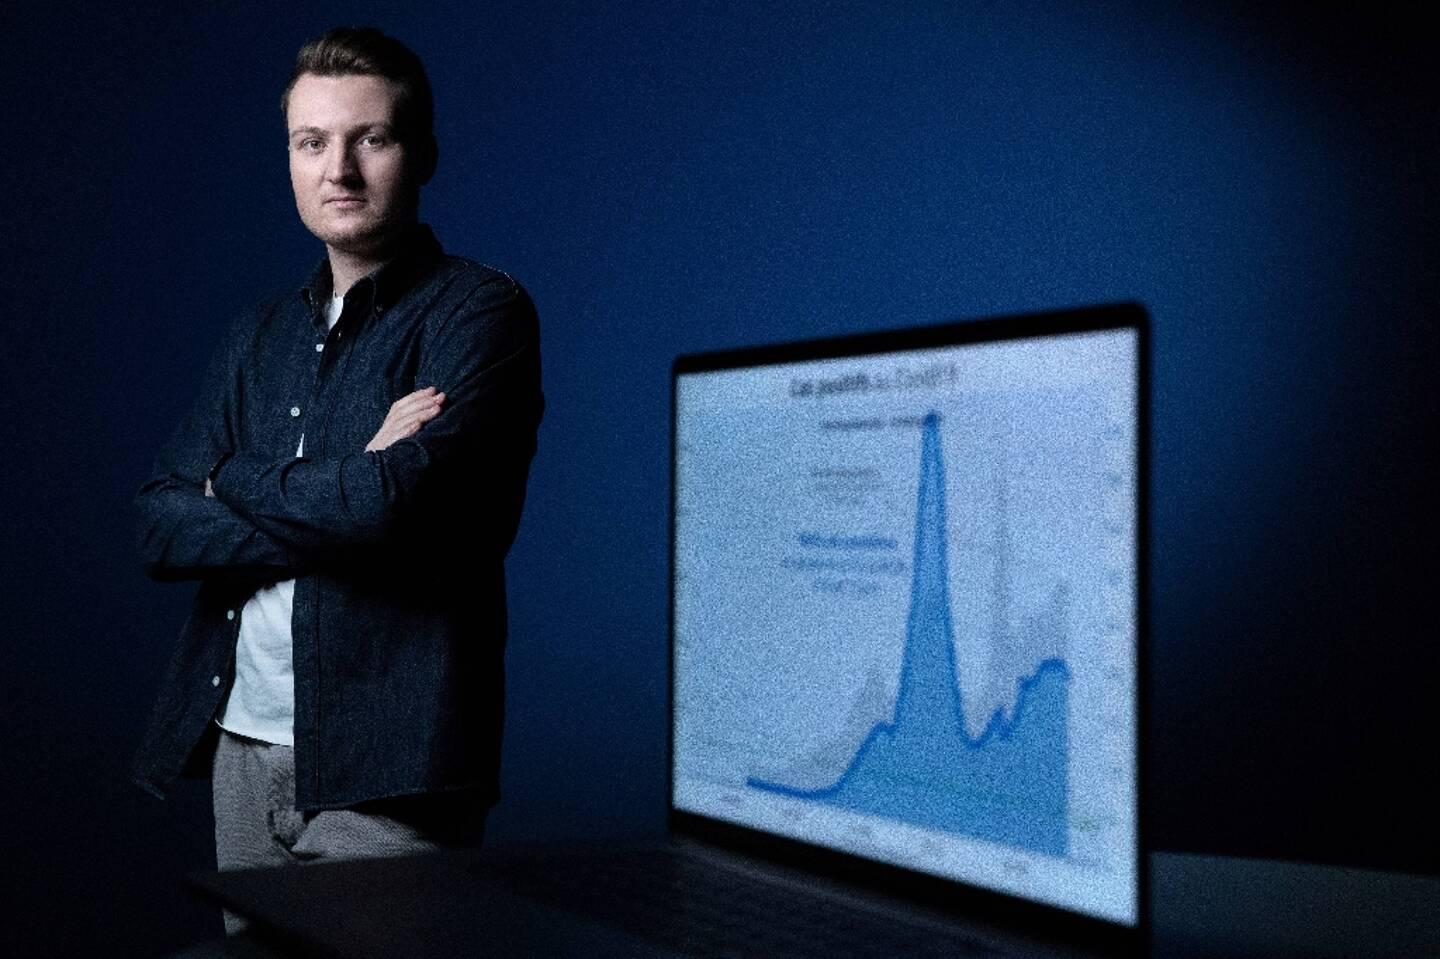 Guillaume Rozier, créateur des sites Vitemadose et de Covidtracker, le 12 février 2021 à Paris